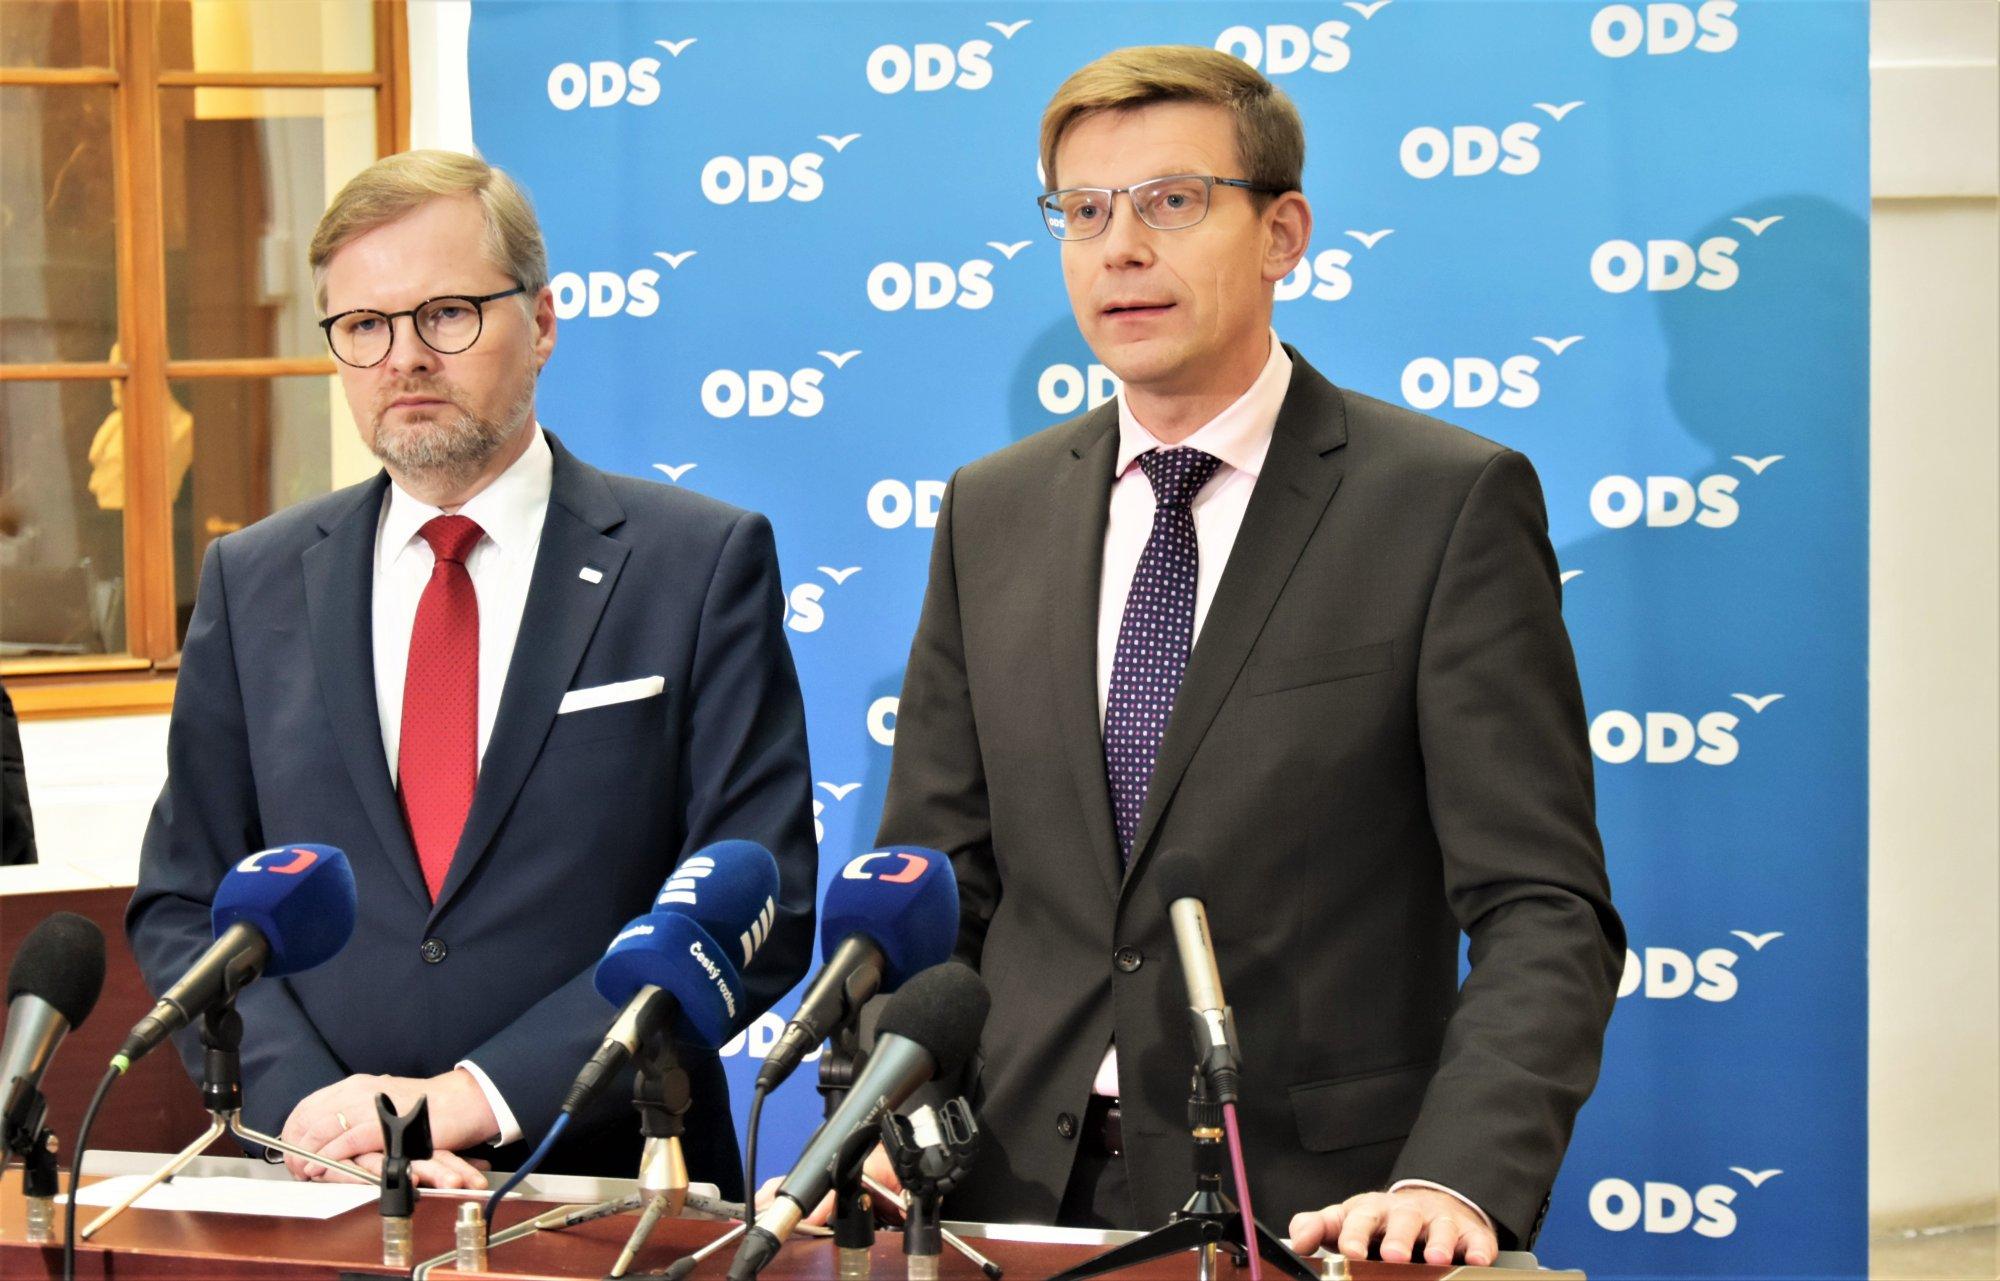 ODS: Nechceme zastavení výstavby v ČR. Vyzýváme premiéra k jednání